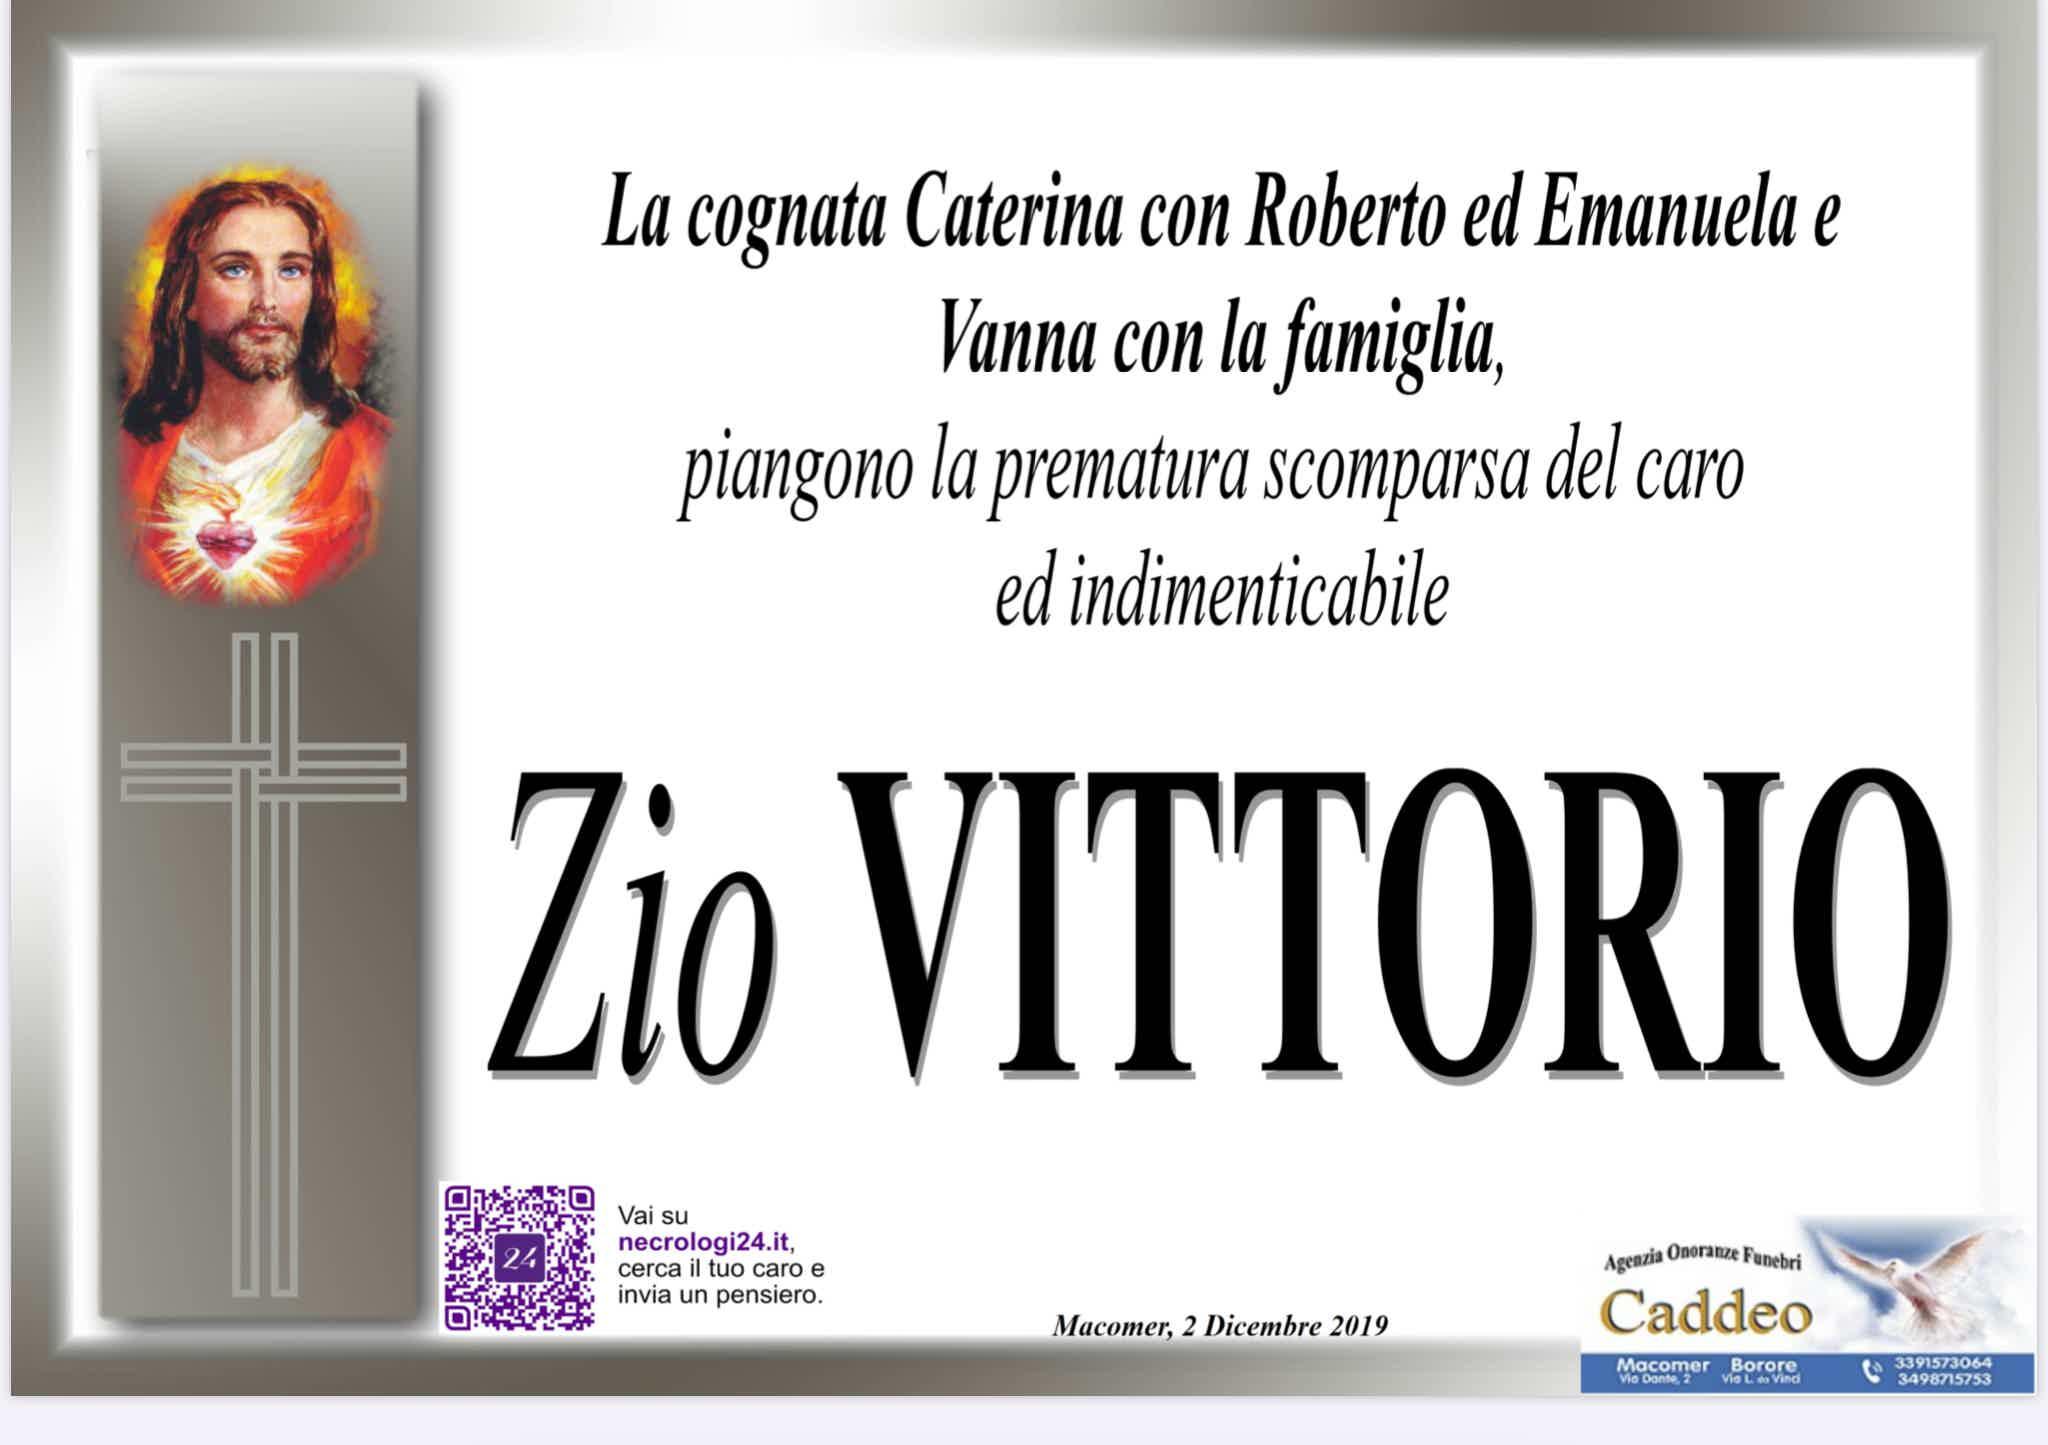 Zio Vittorio